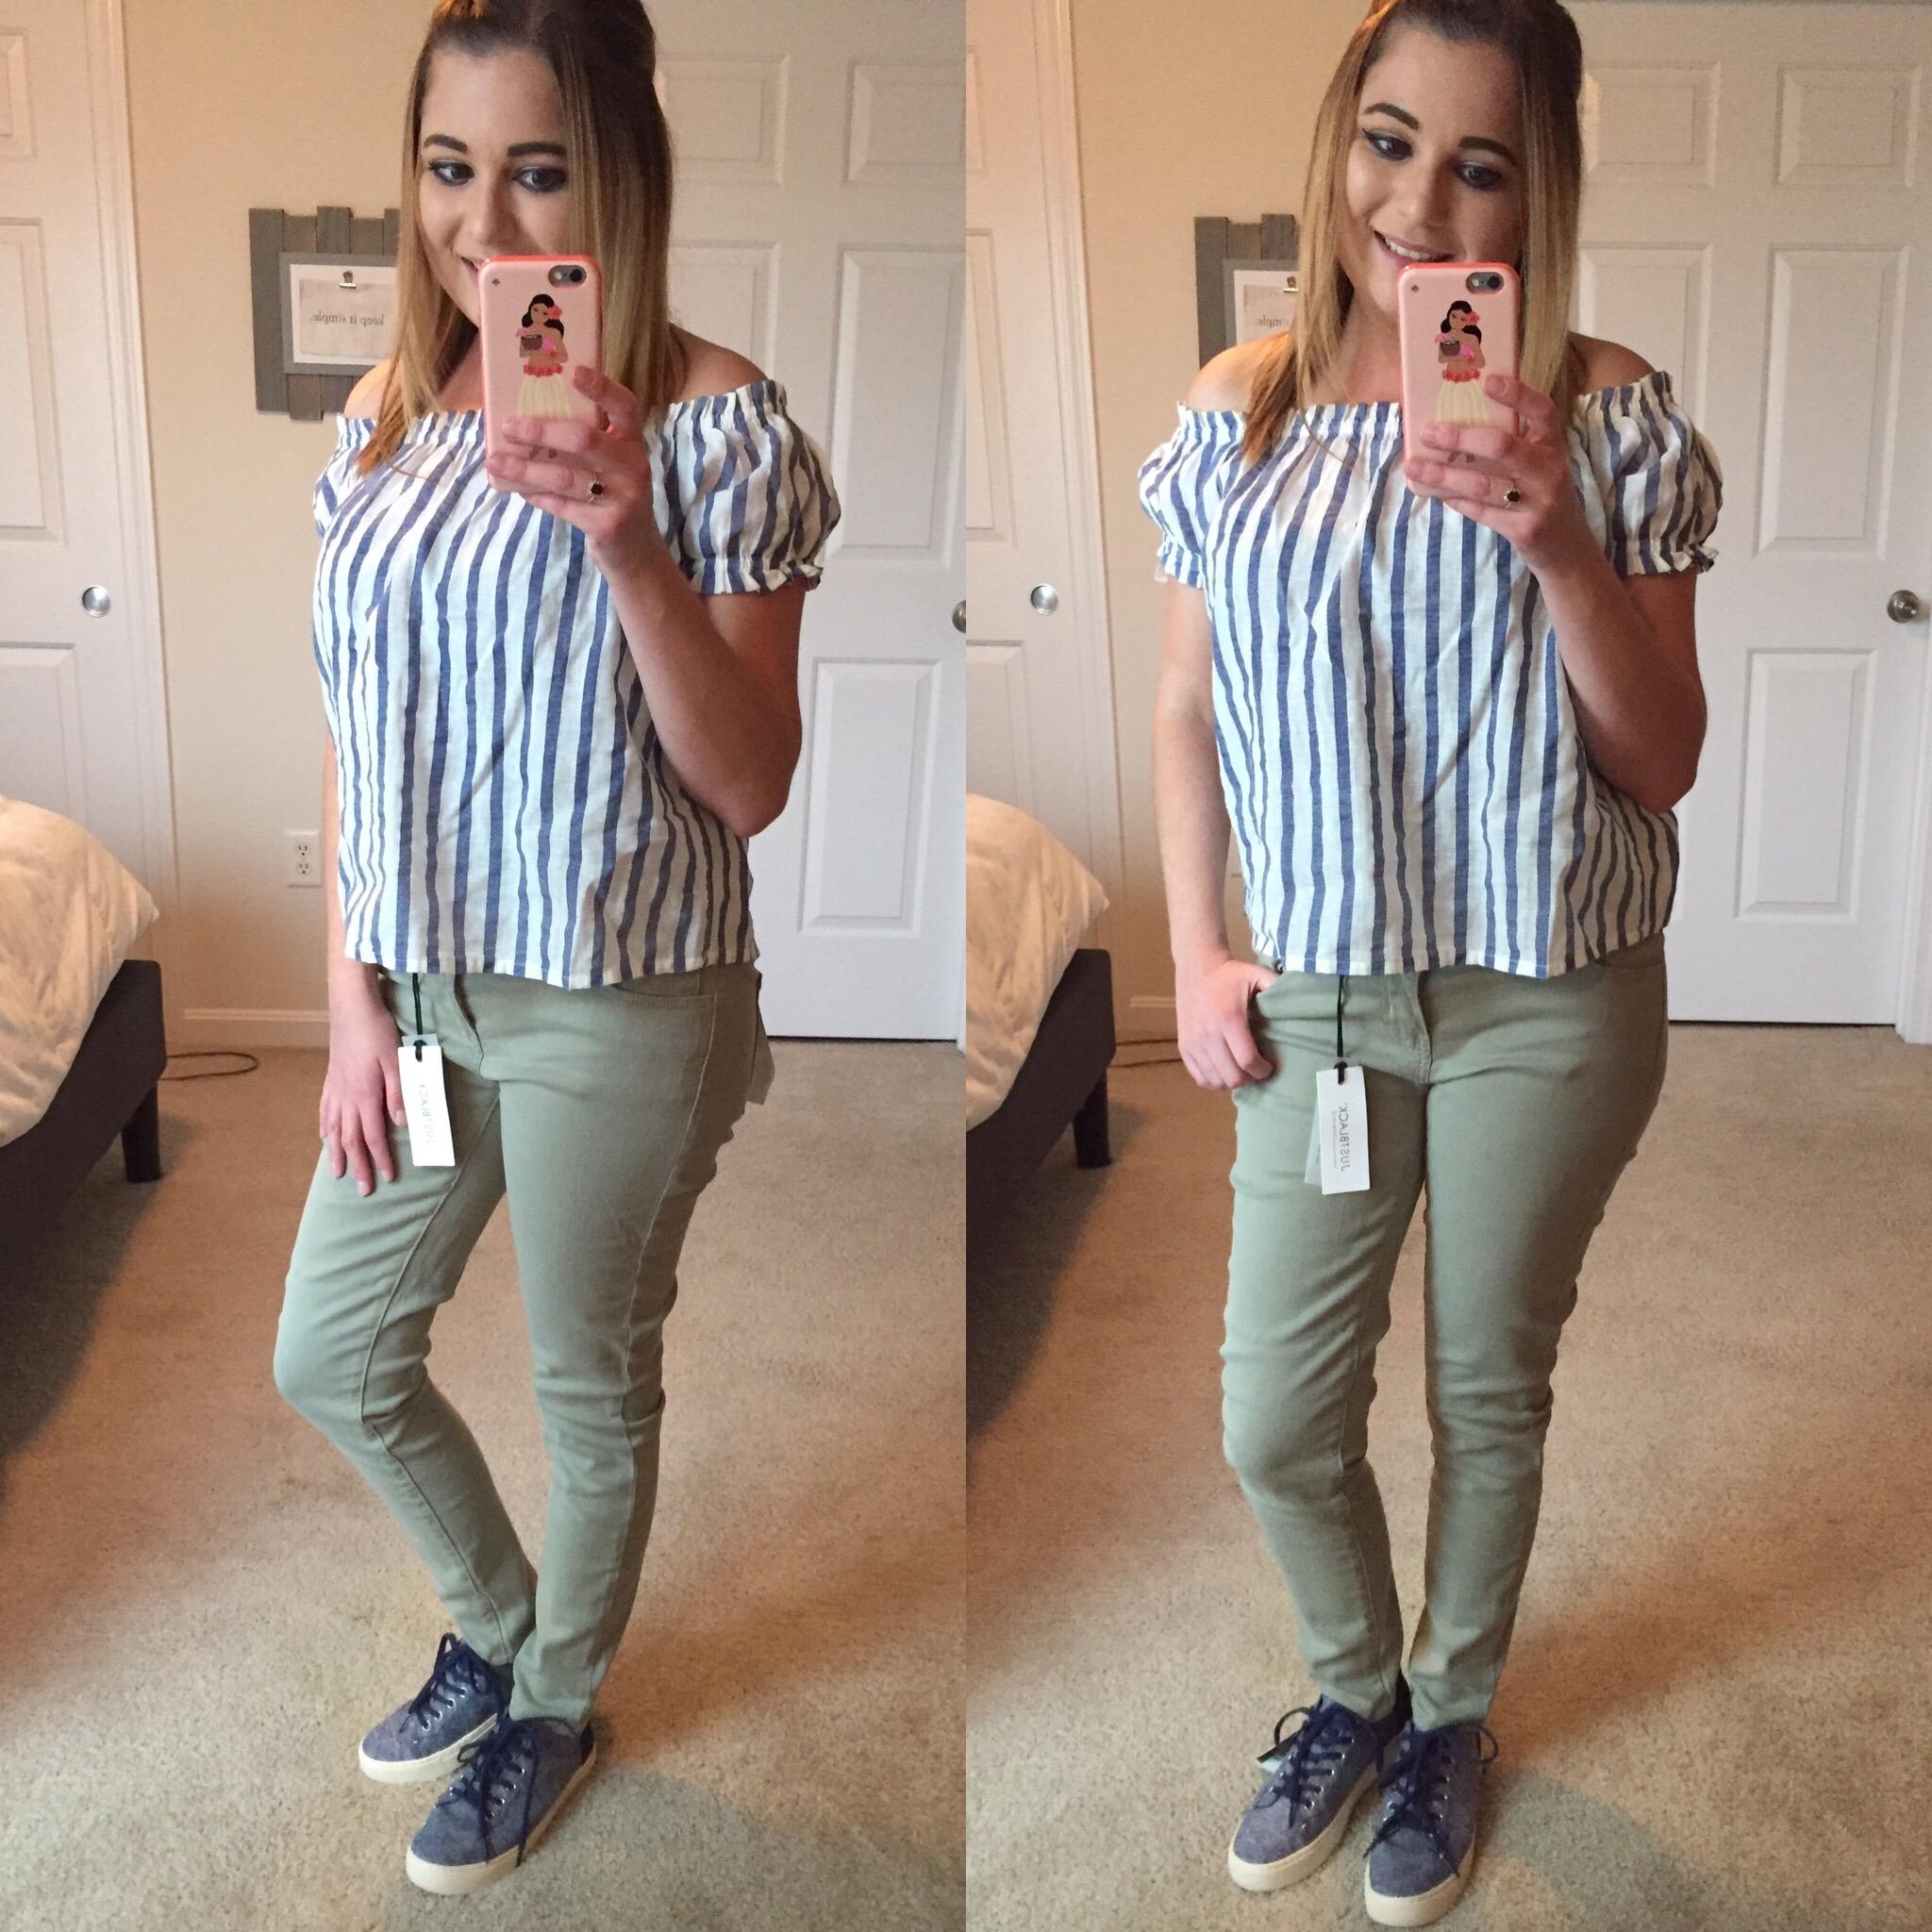 Vero Moda Zeena Off the Shoulder Top, Just Black Adorra Skinny Jeans, Toms Lenox Sneakers